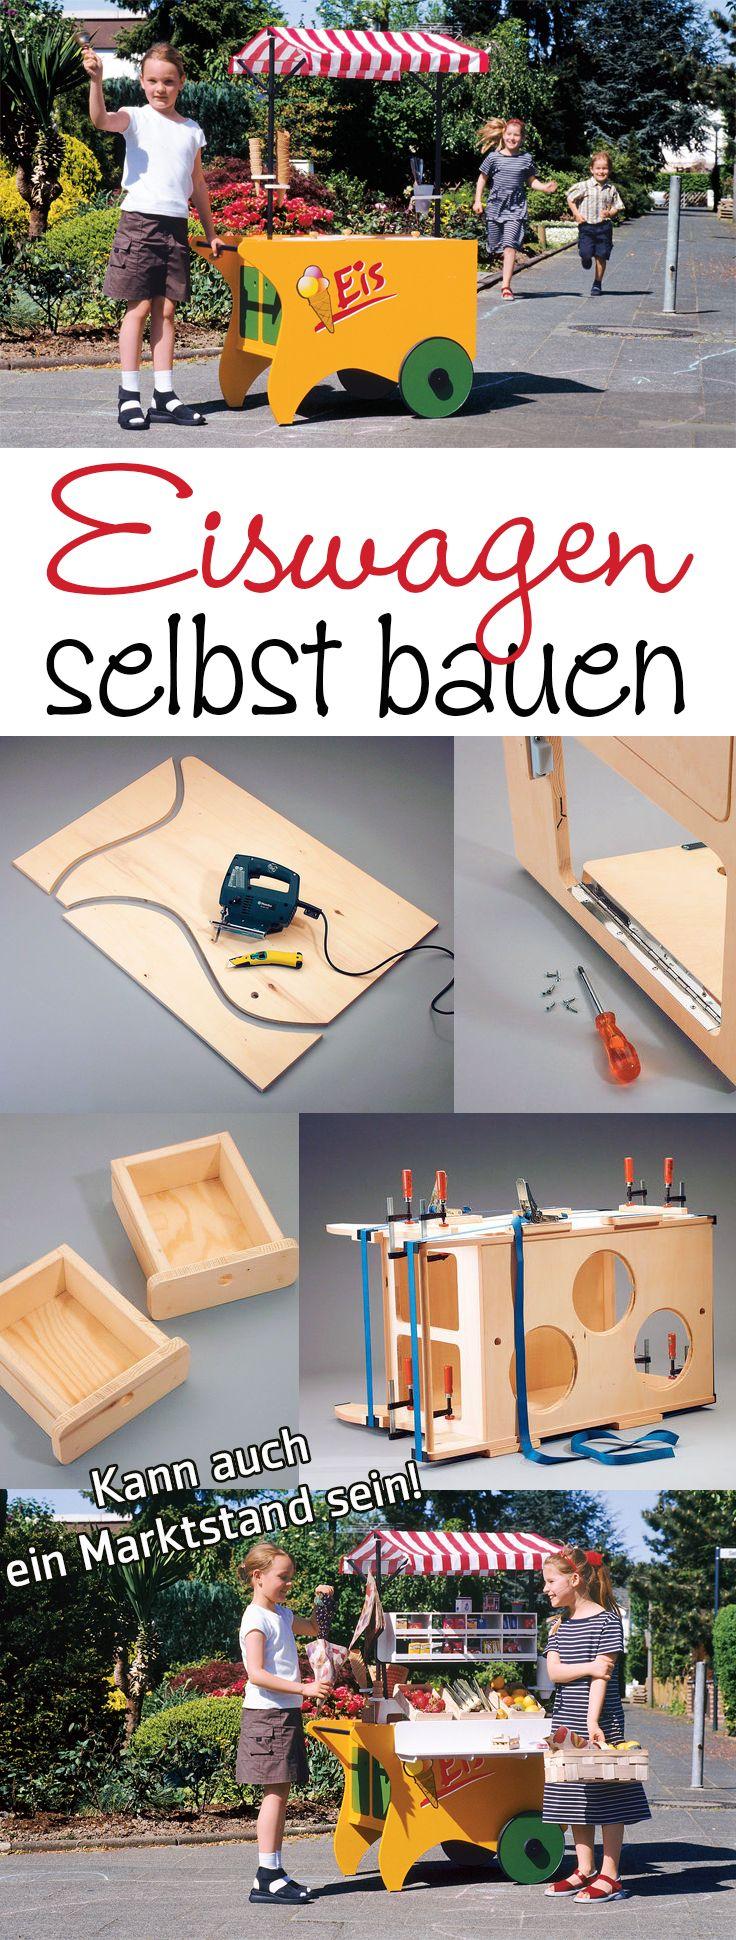 die besten 25 dremel projekte ideen auf pinterest dremel rotary und dremel werkzeug. Black Bedroom Furniture Sets. Home Design Ideas